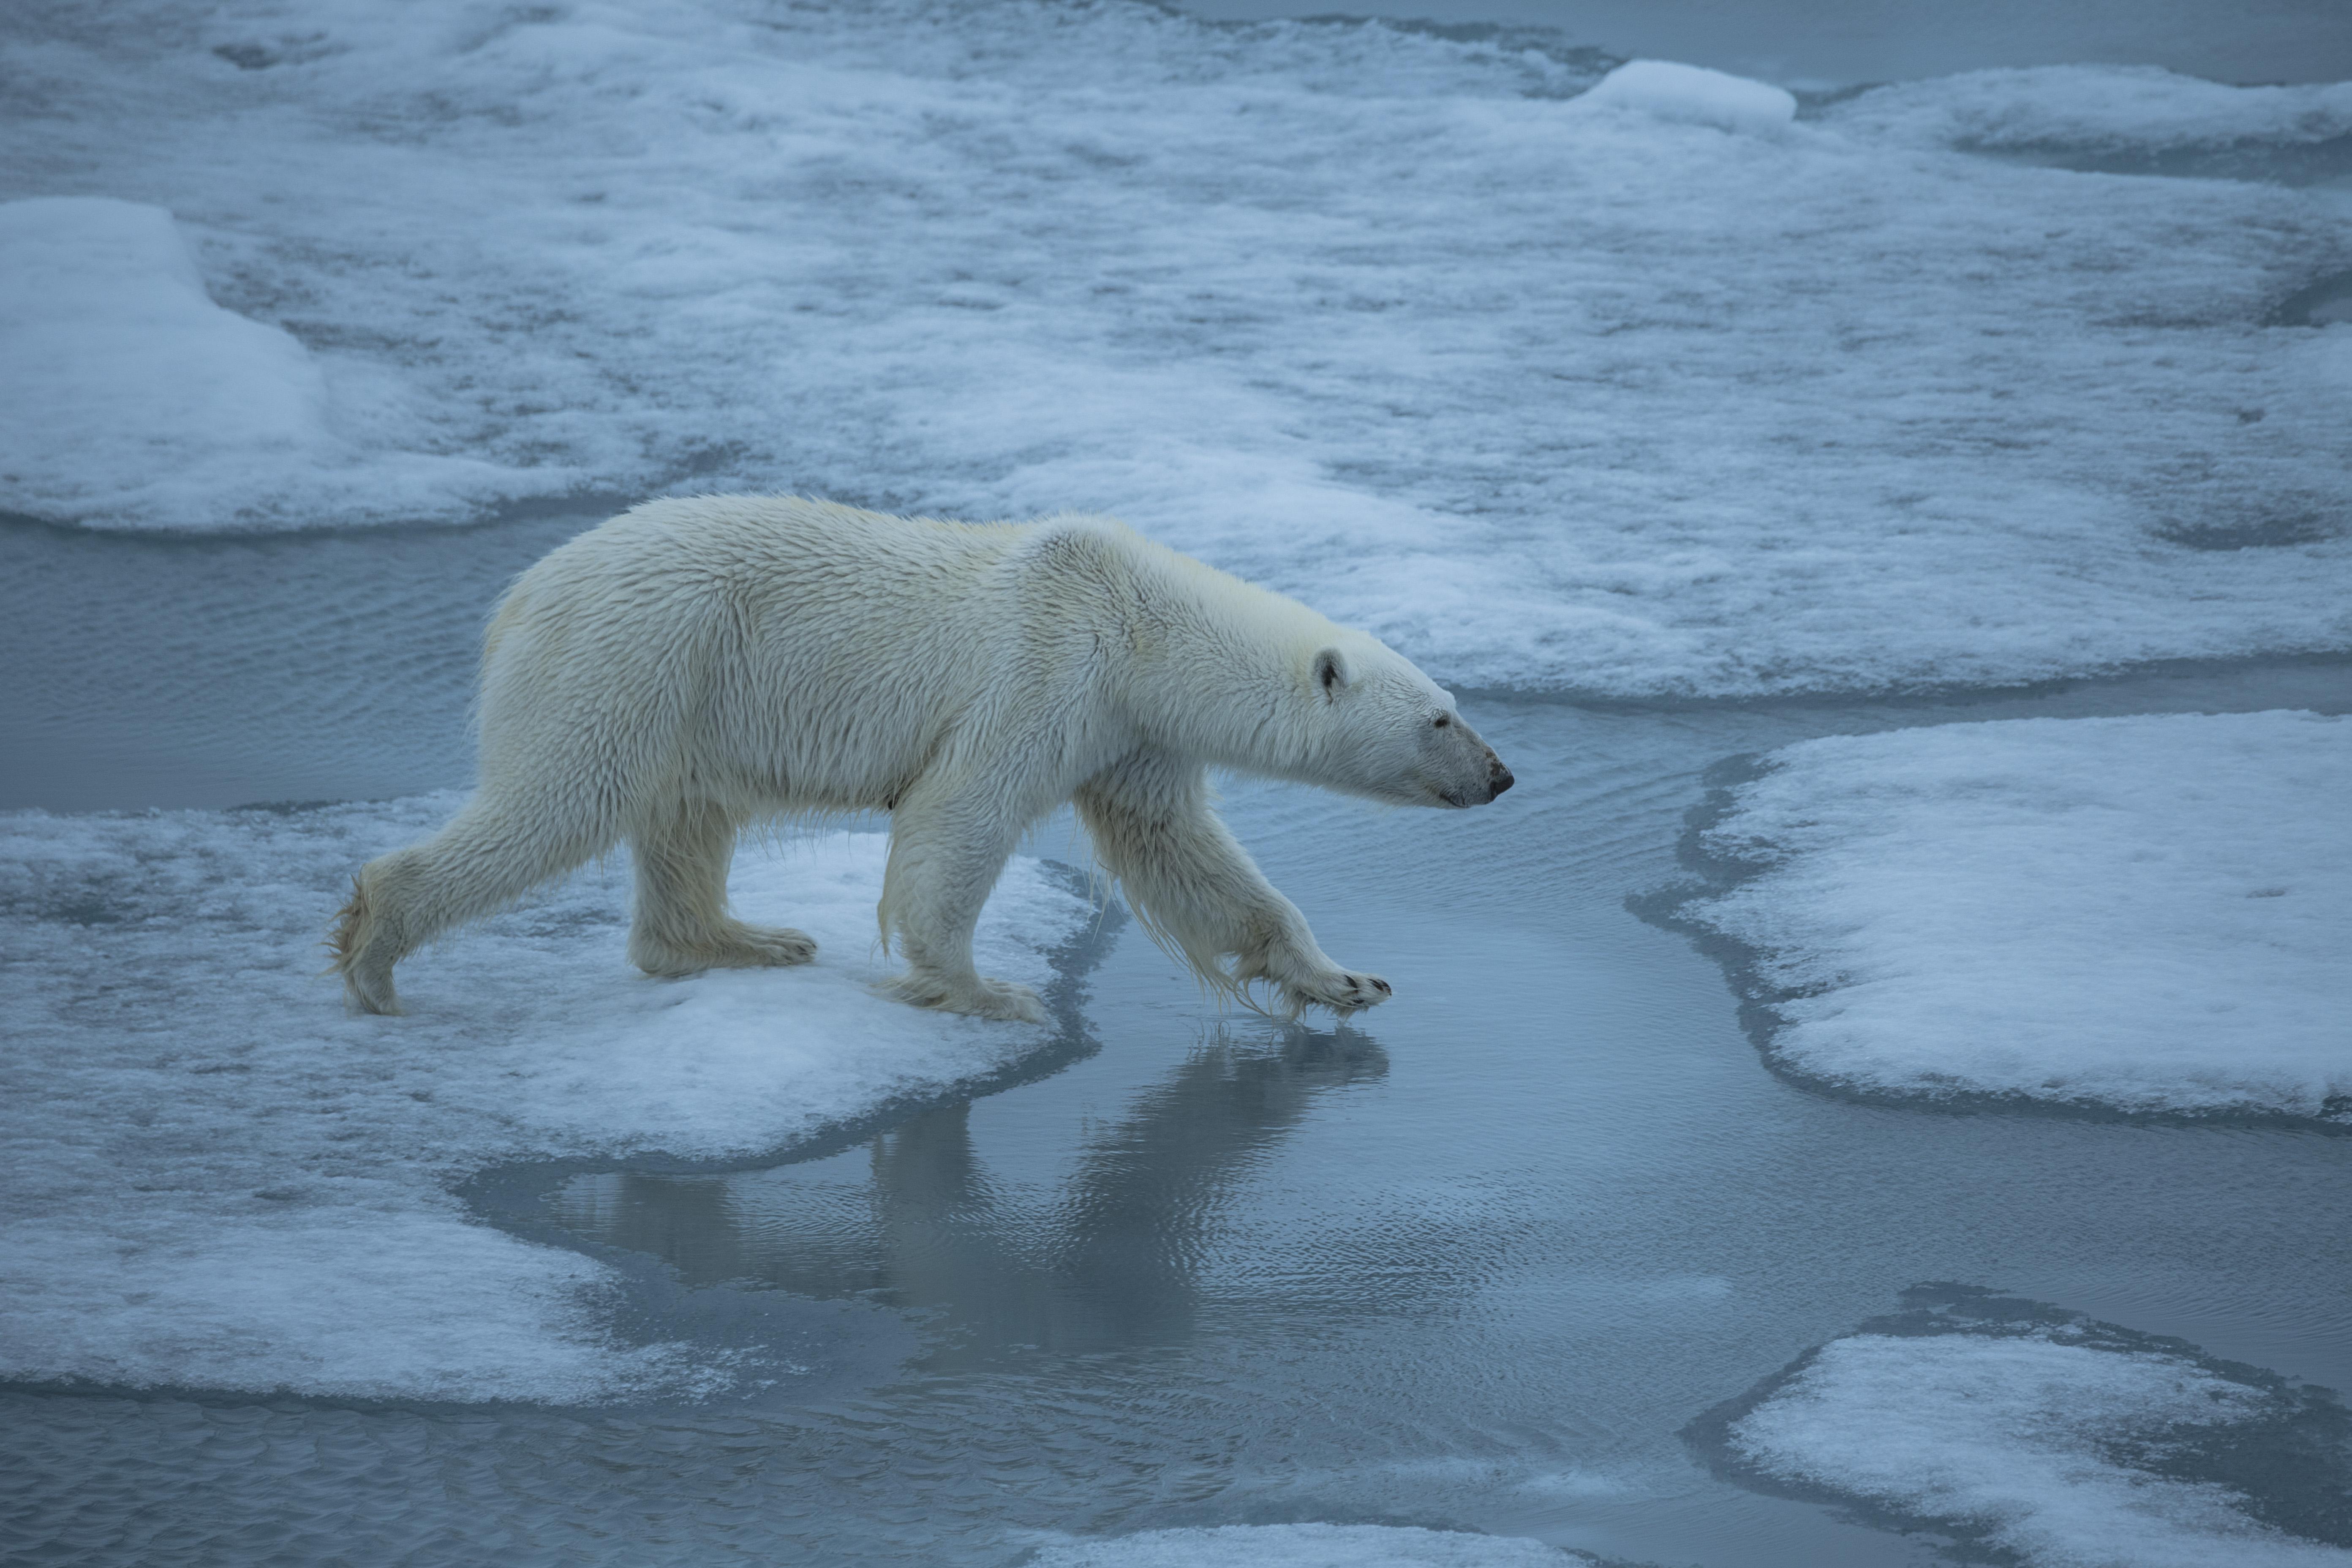 北极圈创纪录32度恐龙,那些在北极的北极熊现在所有高温的简笔画图片